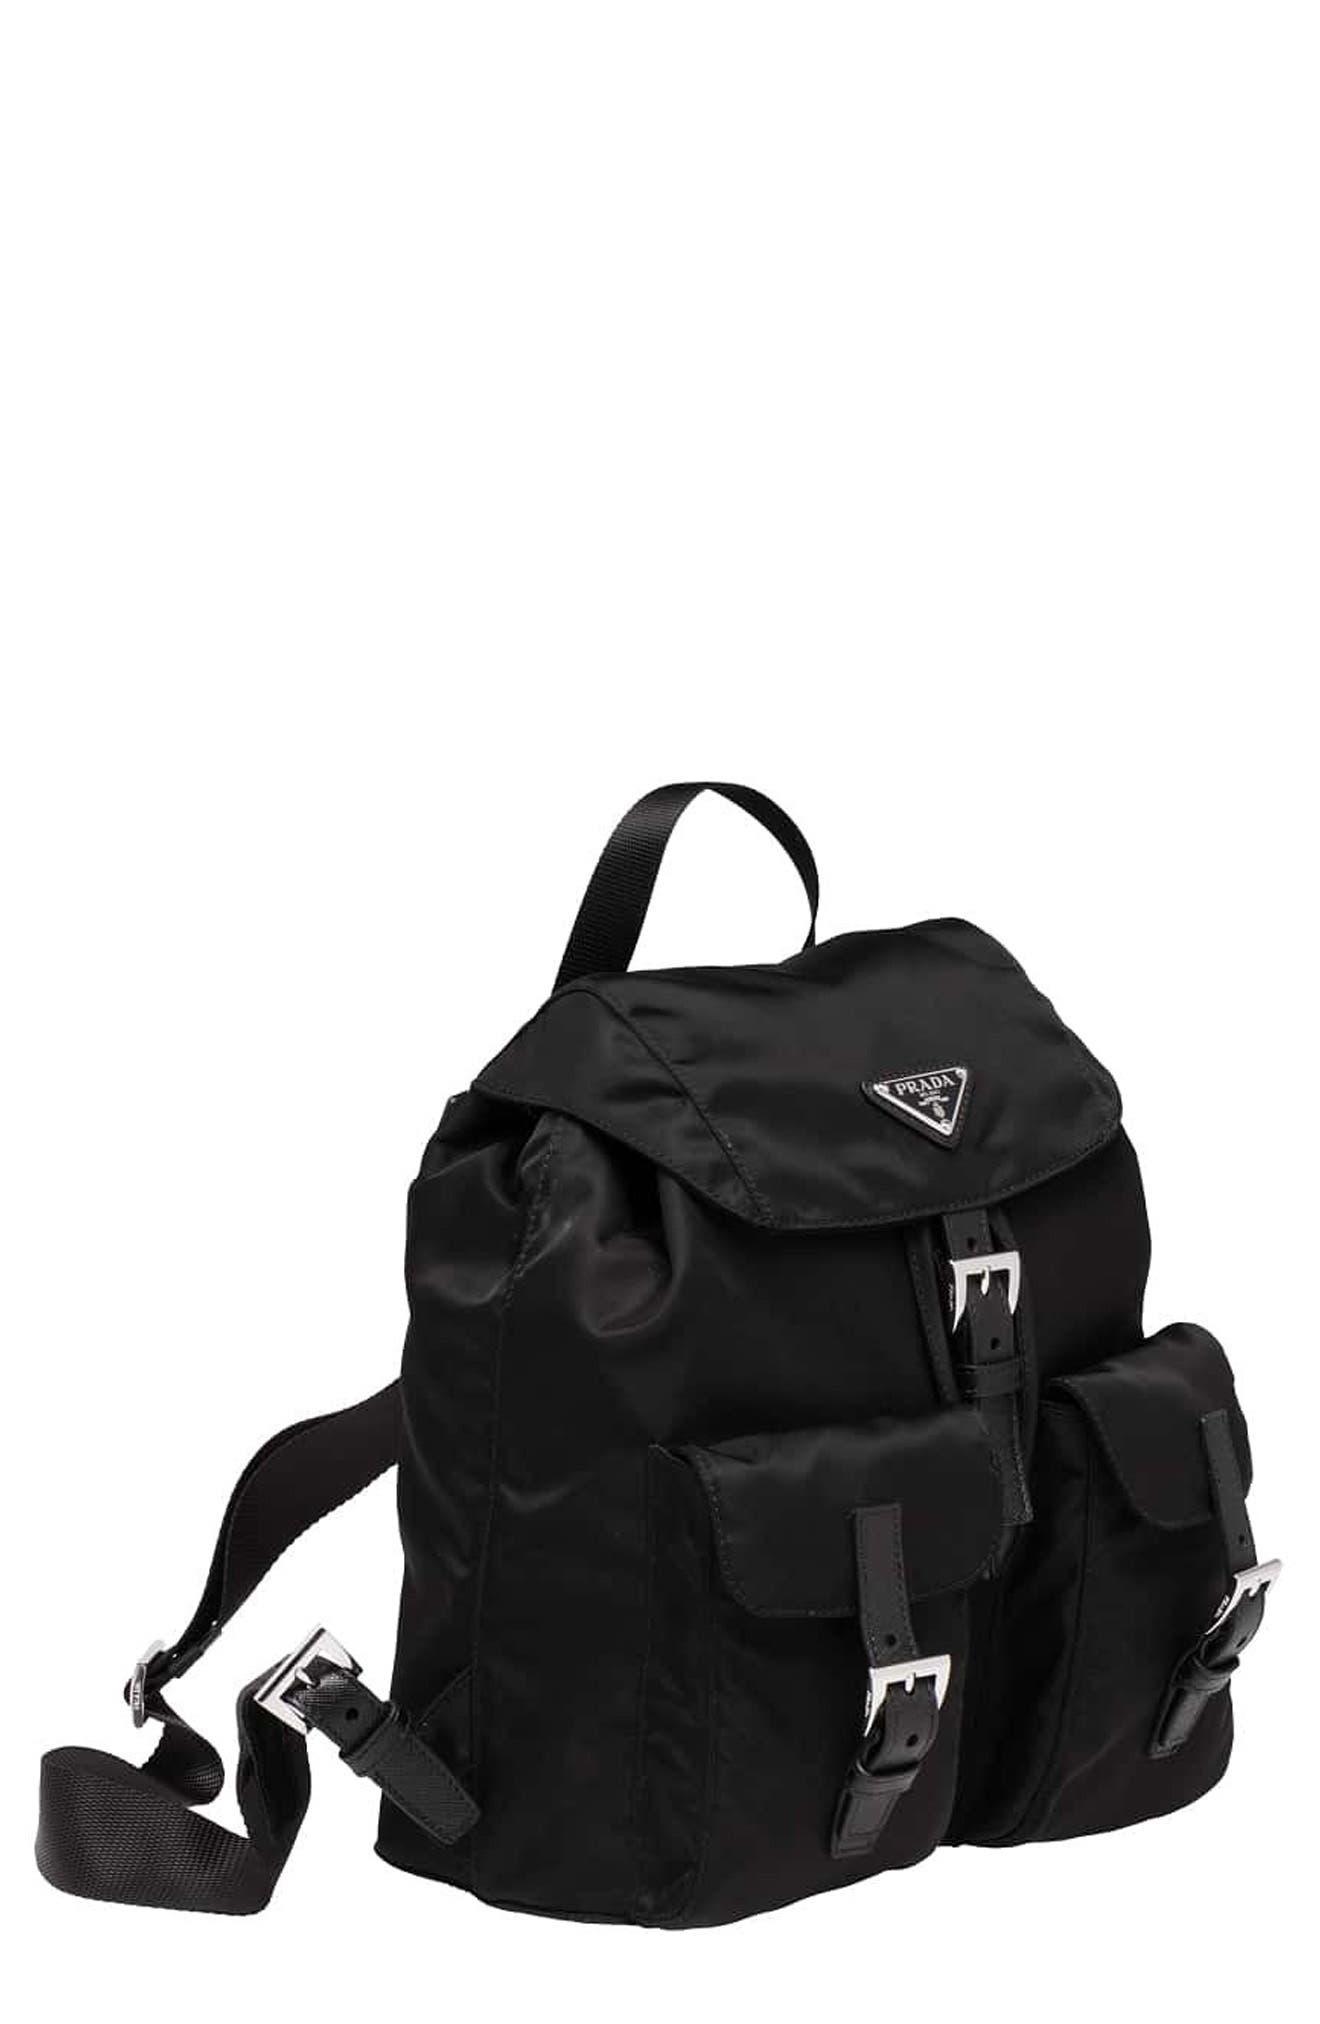 Prada Small Vela Nylon Backpack